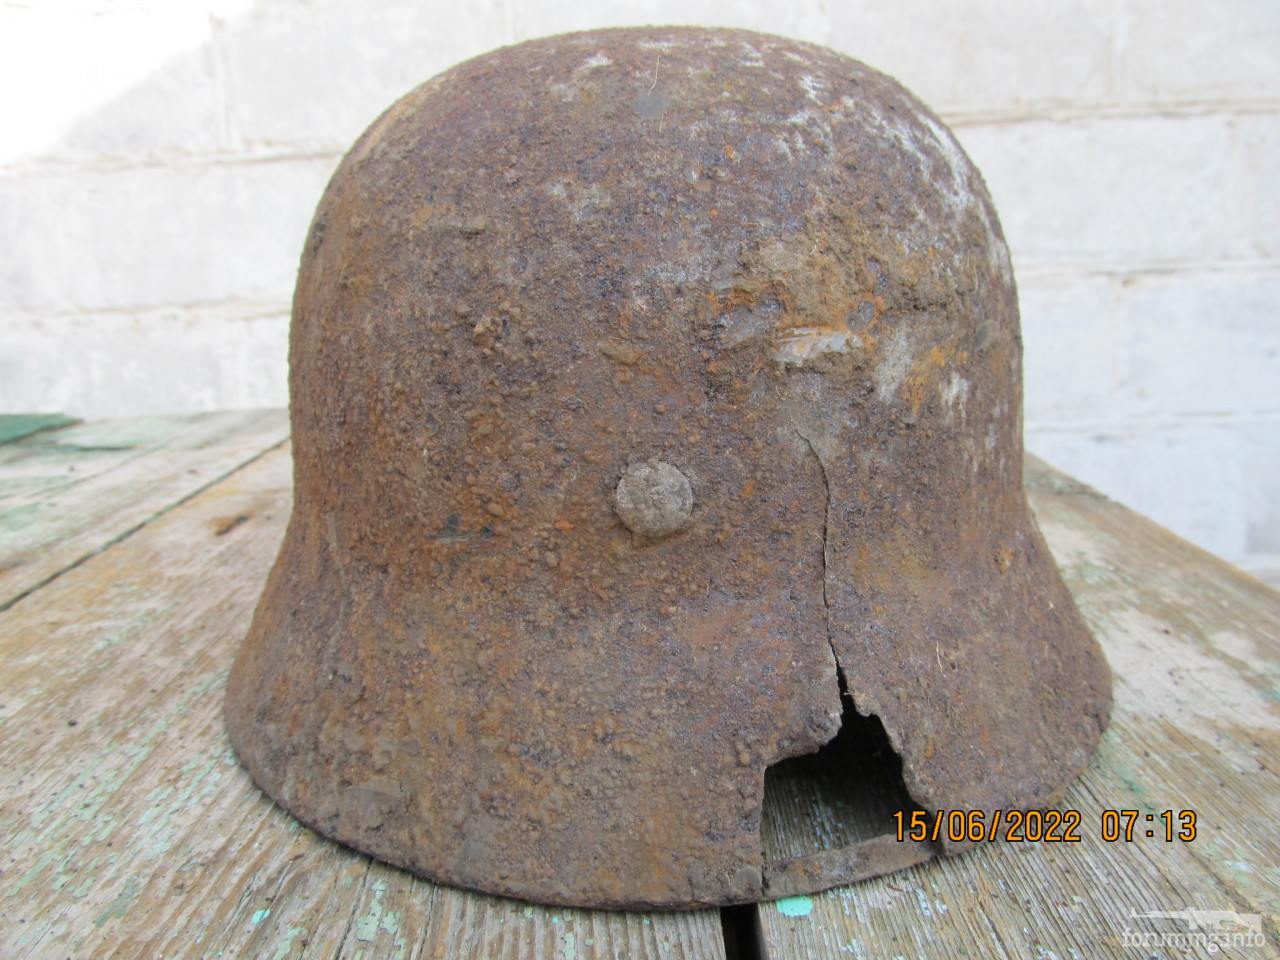 115805 - Было - стало (каски, аммуниция, униформа, предметы быта и прочее...)